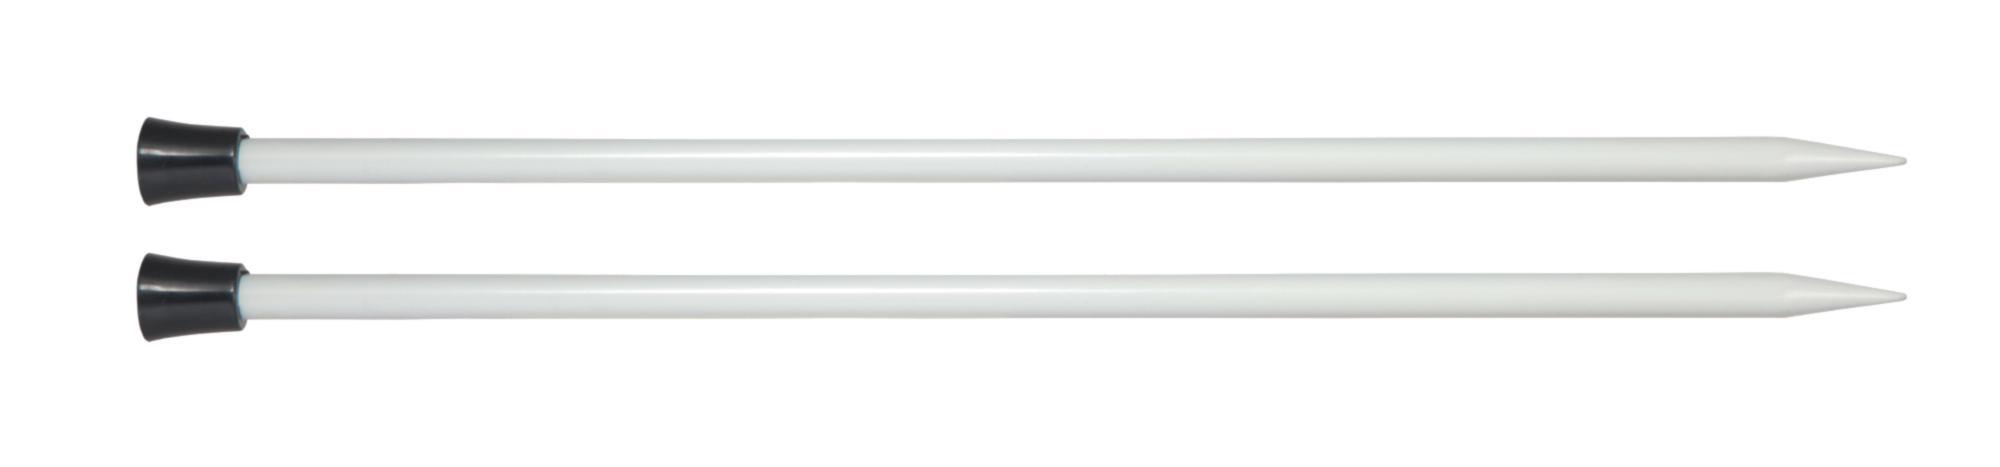 Спицы прямые 40 см Basix Aluminium KnitPro, 45287, 5.00 мм